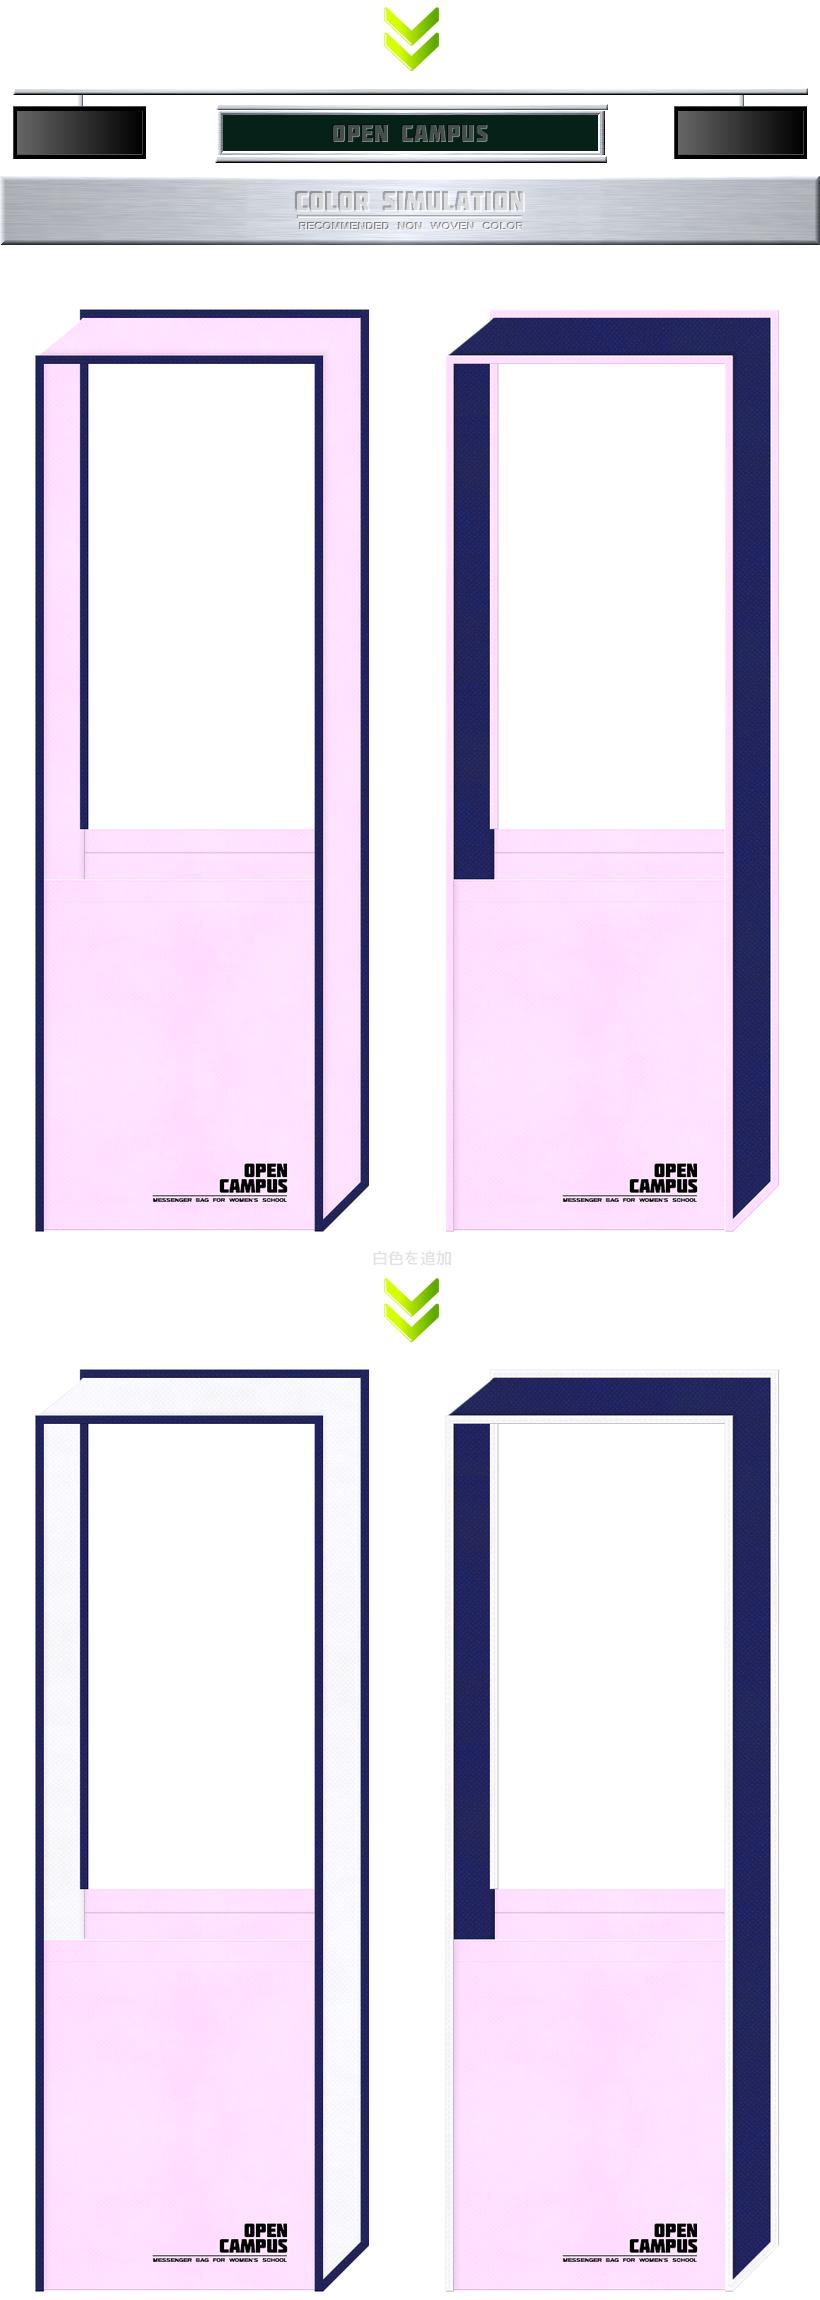 パステルピンク色と明るい紺色の不織布メッセンジャーバッグデザイン:女子学校・オープンキャンパスのバッグ